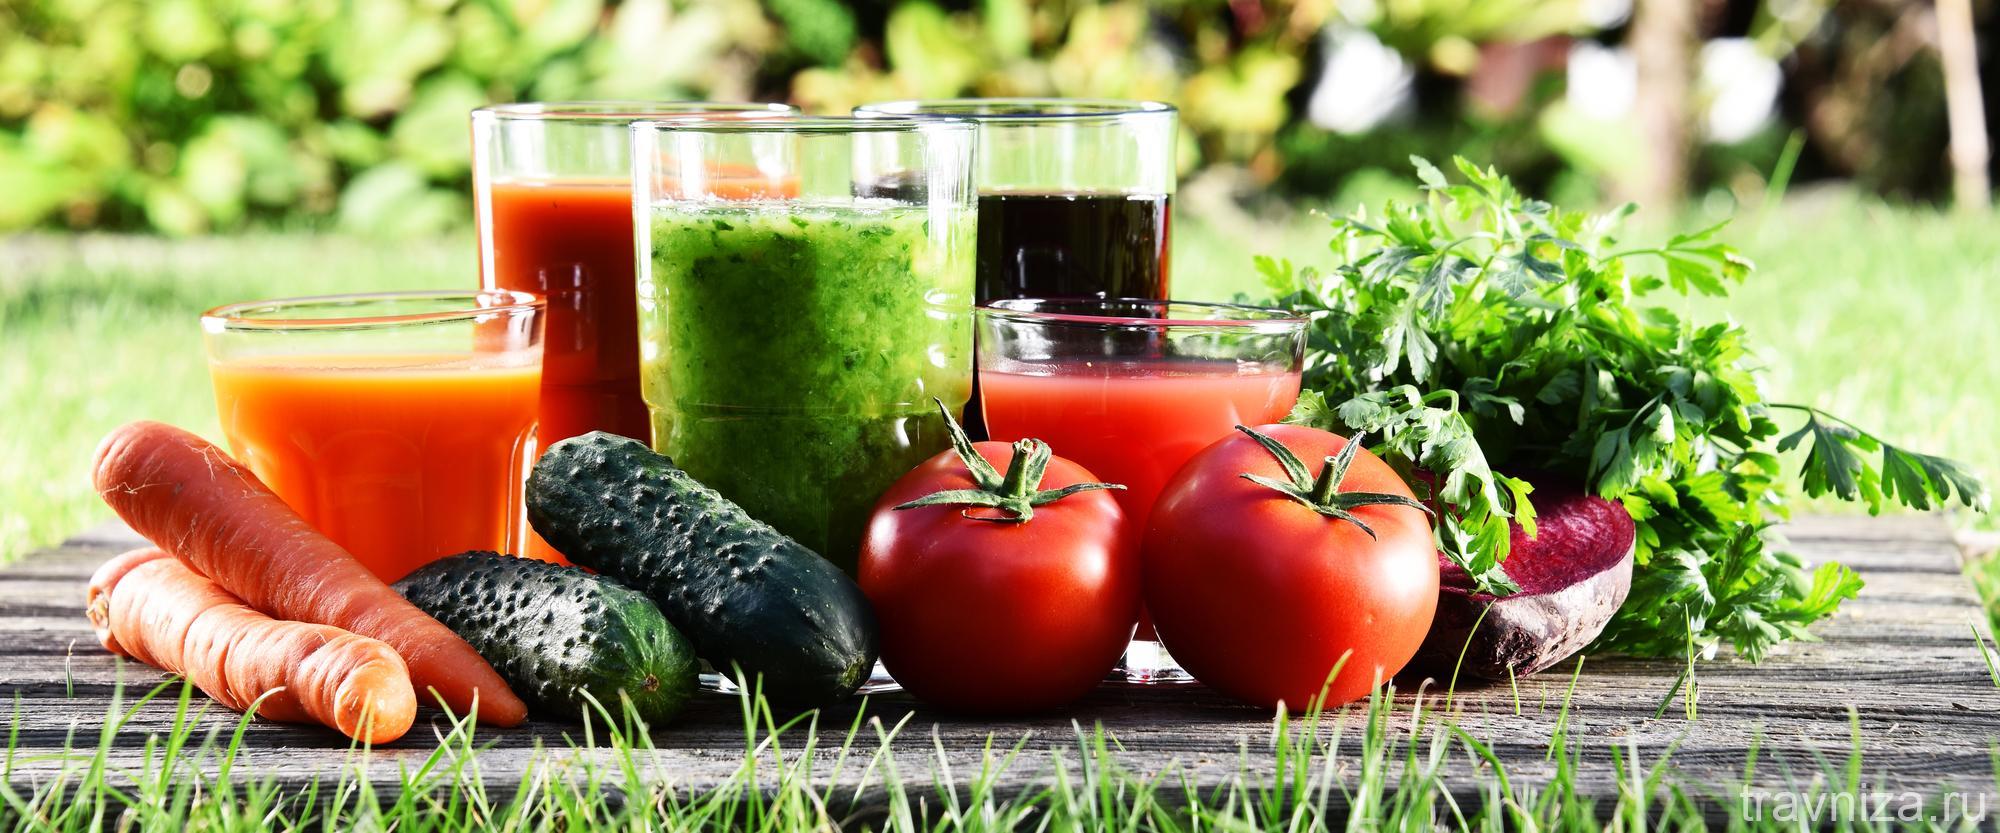 овощи и фрукты с огорода для соколечения